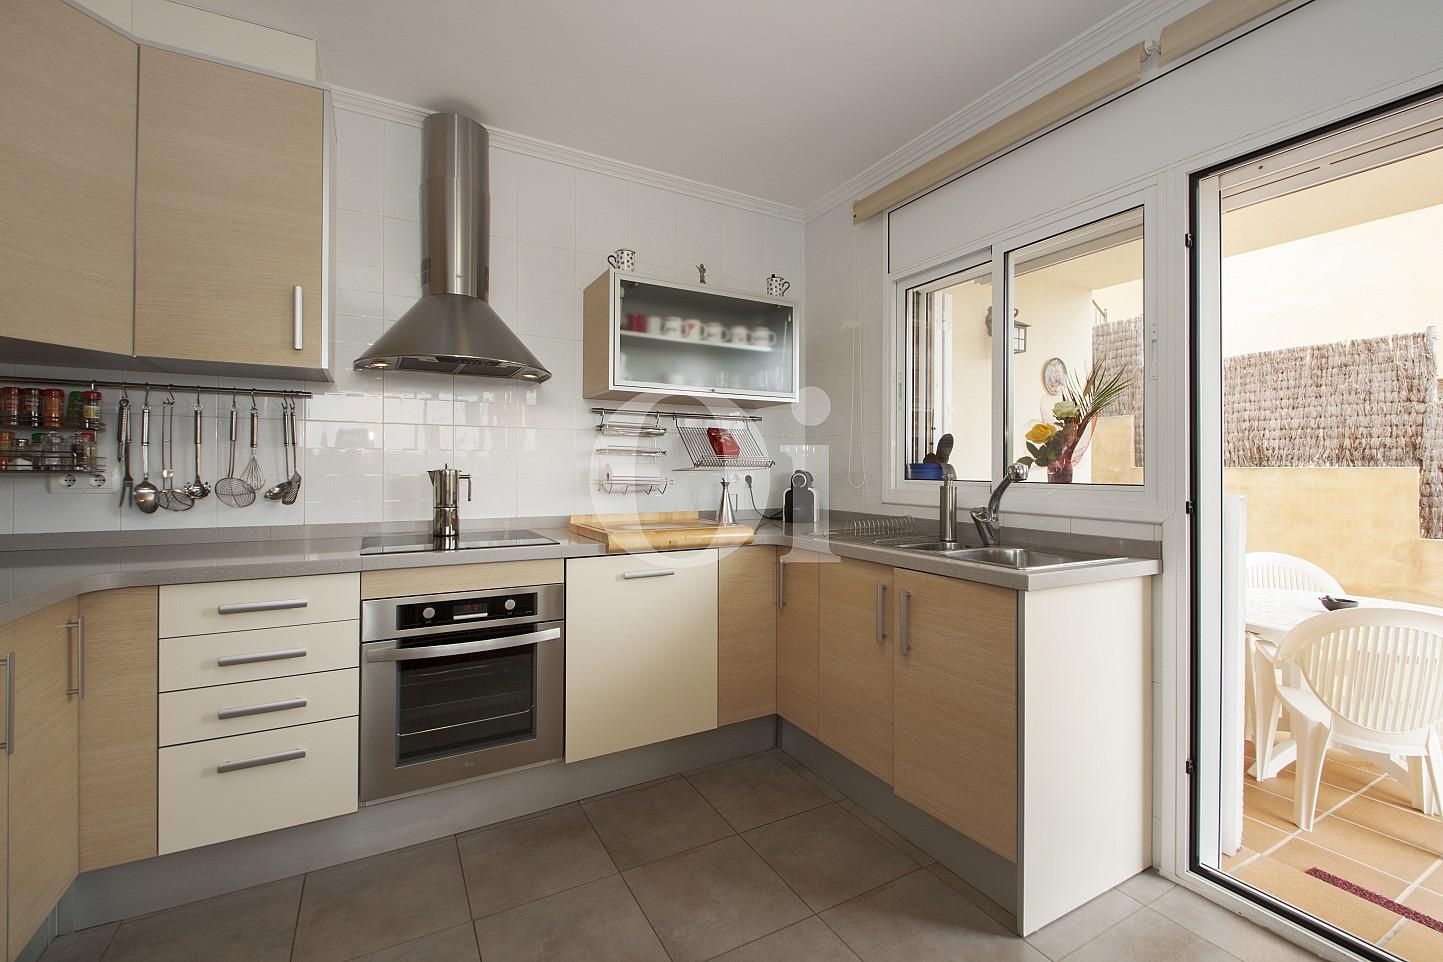 Blick in die Küche vom Haus zum Verkauf, Segur de Calafell